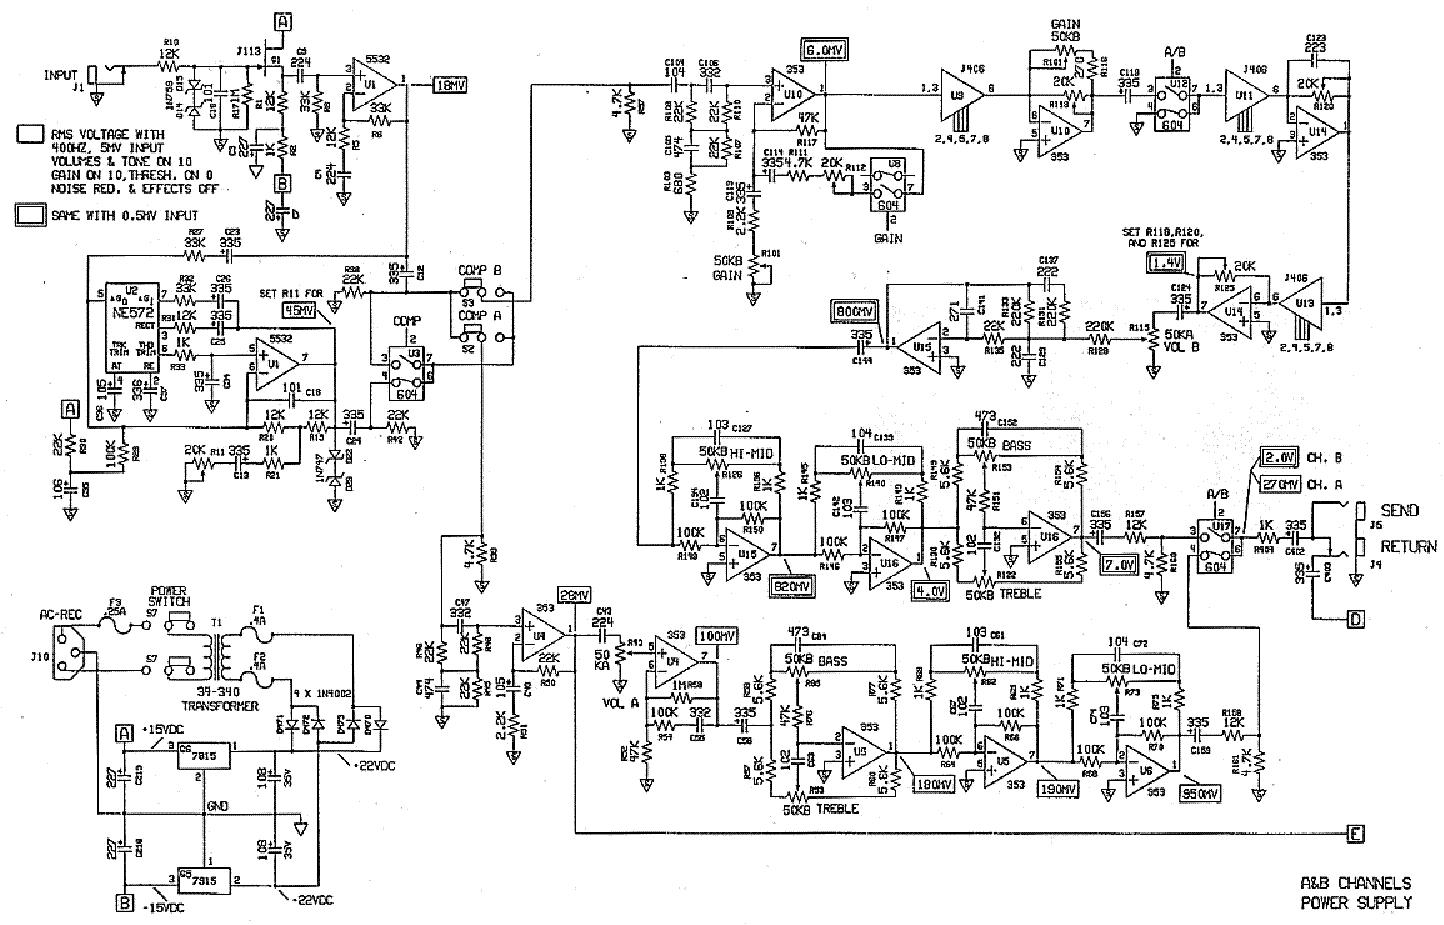 GALLIEN-KRUEGER 2000 SCH Service Manual download, schematics, eeprom